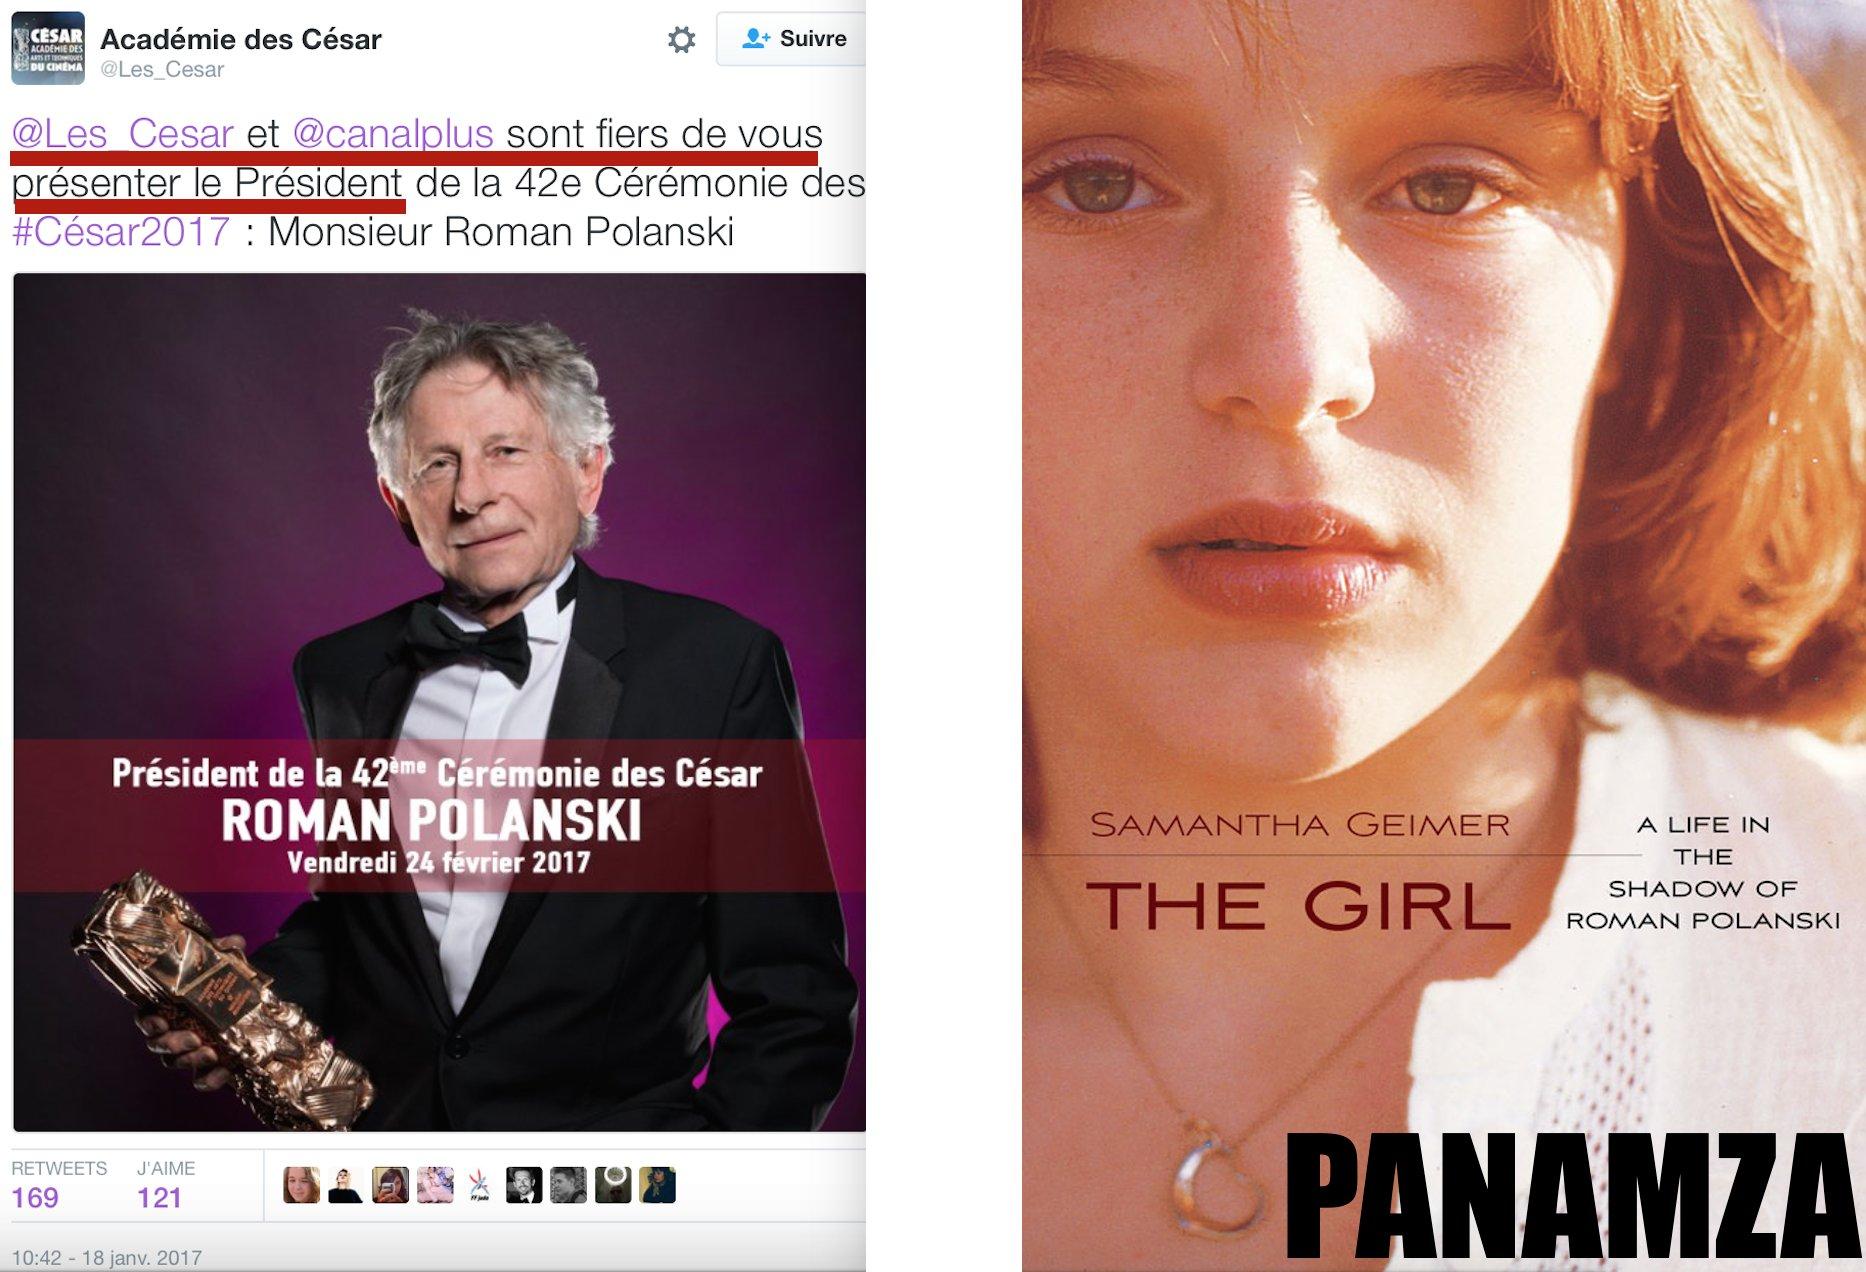 1977 : Polanski viole une mineure. 2017 : Polanski est honoré par le cinéma français